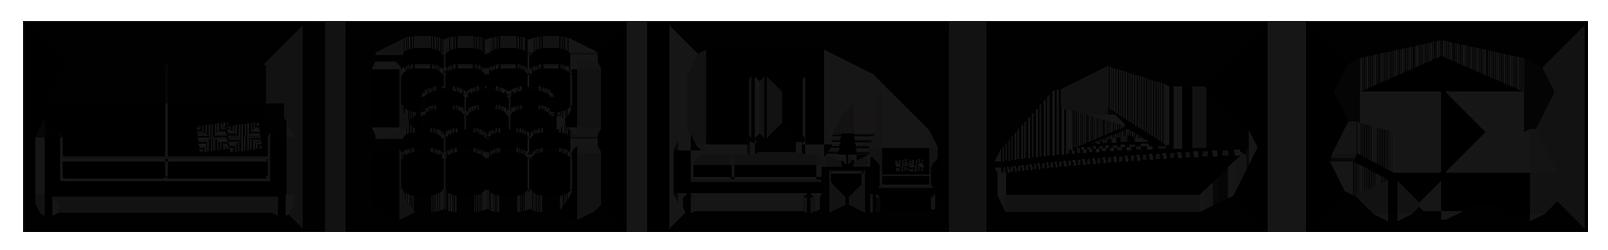 meubelstoffenonline.com - specificaties